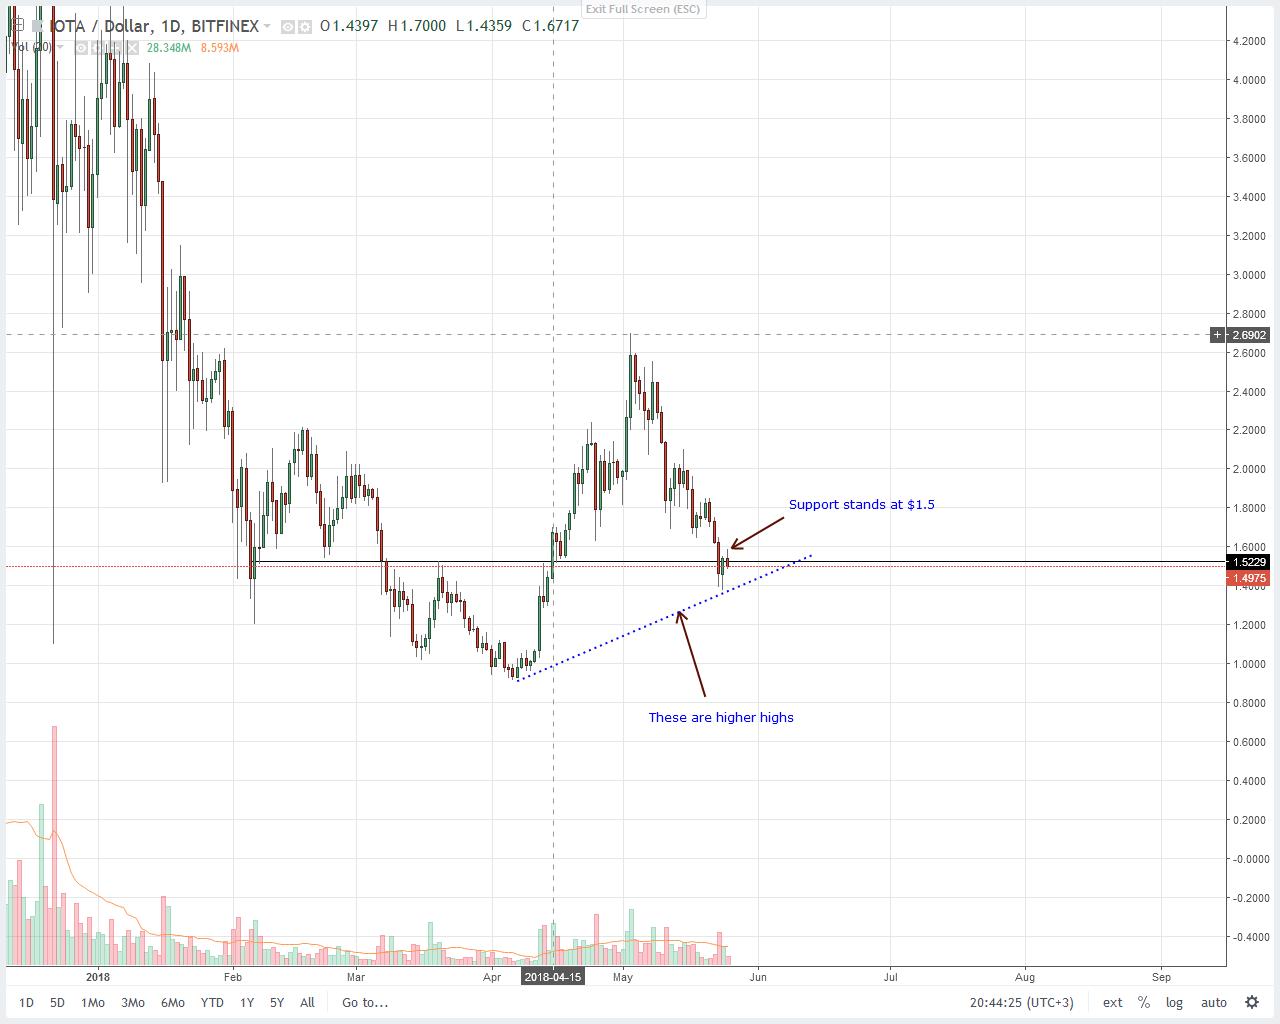 IOTA (IOT) Price Analysis